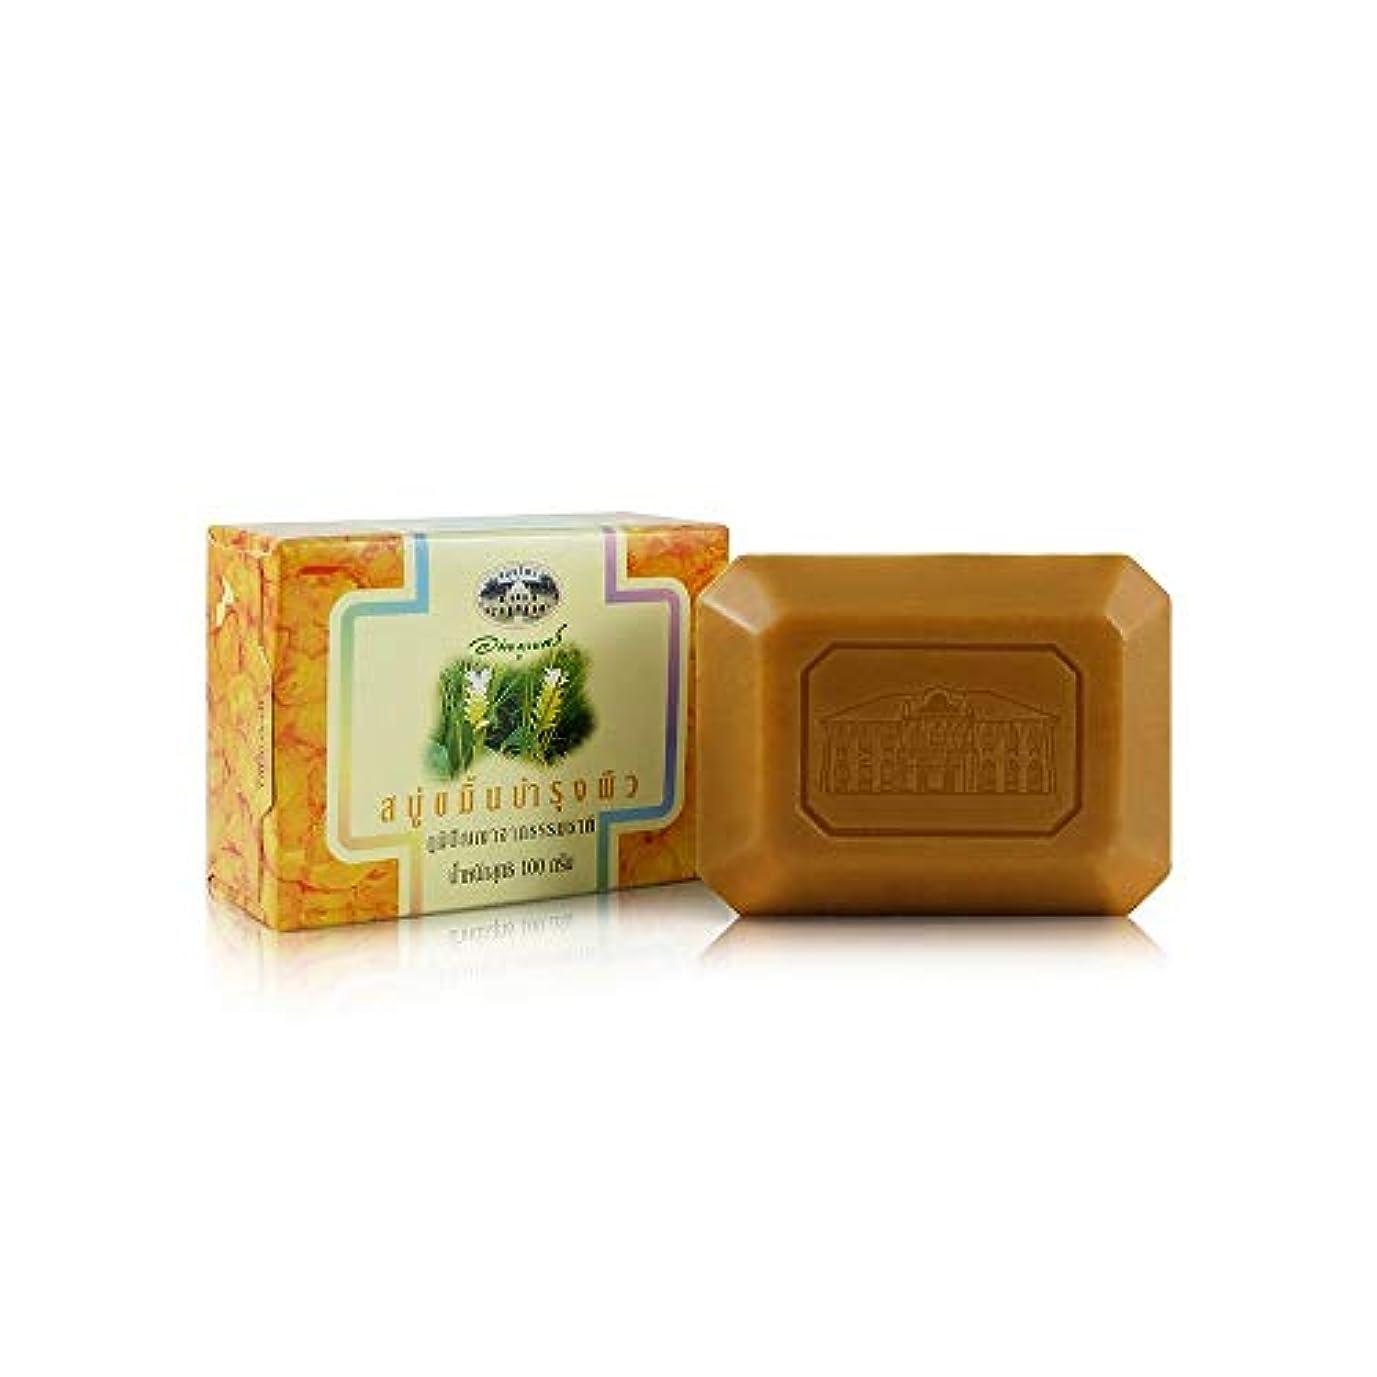 スタッフ強化する便利Abhaibhubejhr Turmeric Herbal Body Cleansing Soap 100g. Abhaibhubejhrターメリックハーブボディクレンジングソープ100グラム。